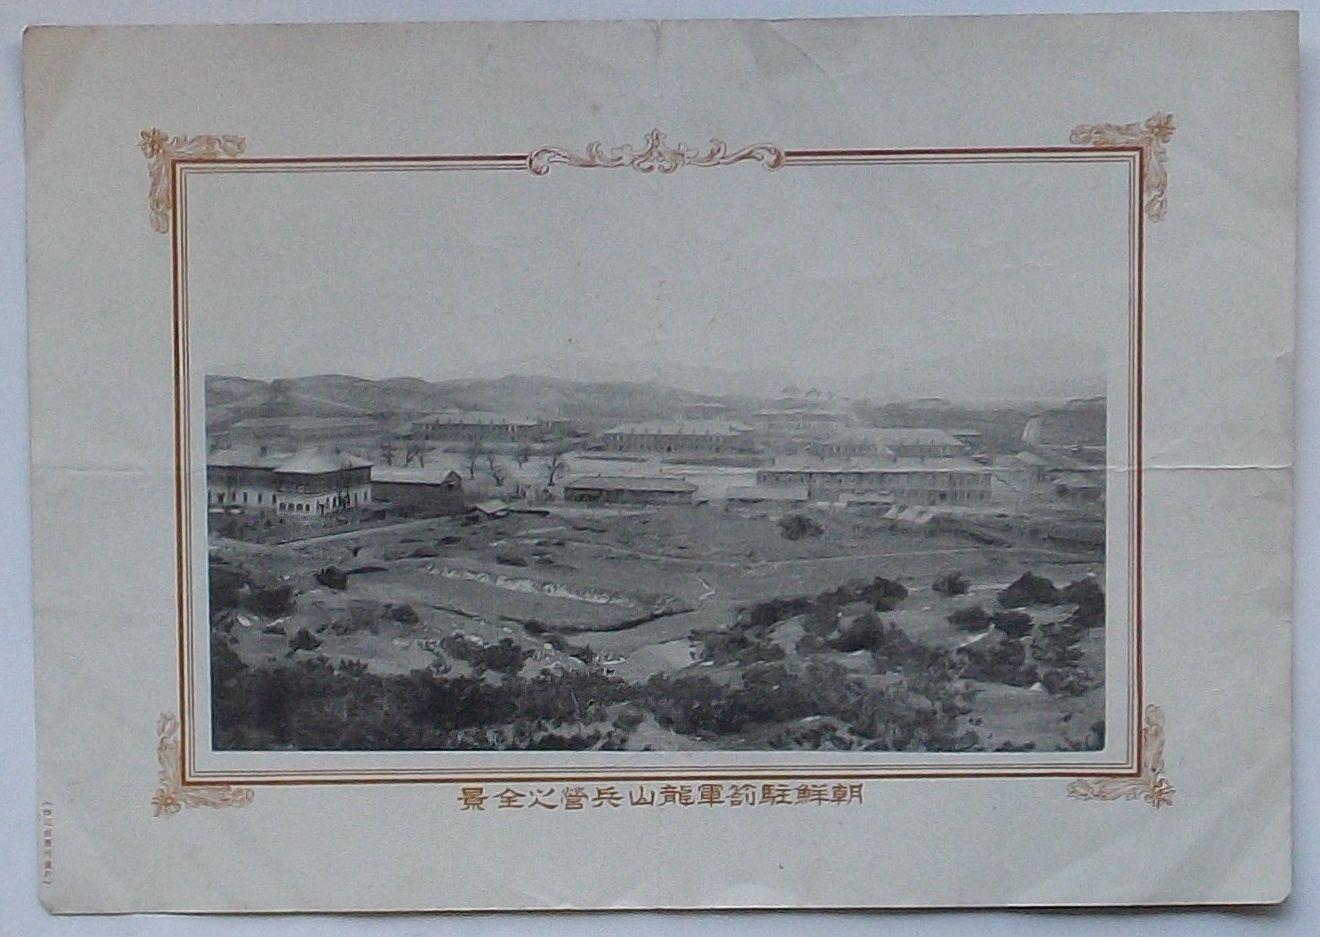 【中古】朝鮮駐箚軍龍山兵営之全景